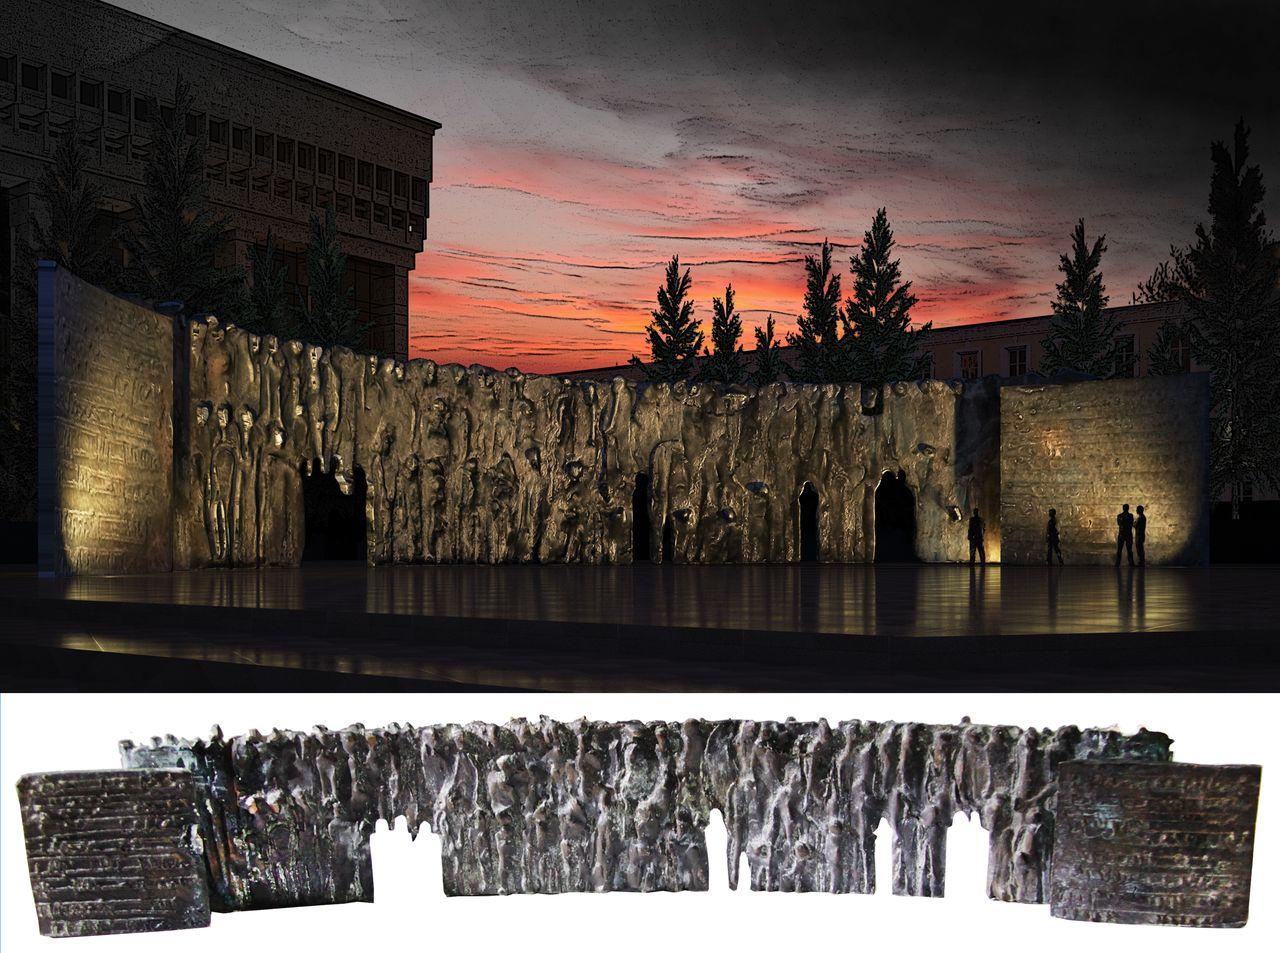 Музей ГУЛАГа начал сбор средств на памятник жертвам политических репрессий